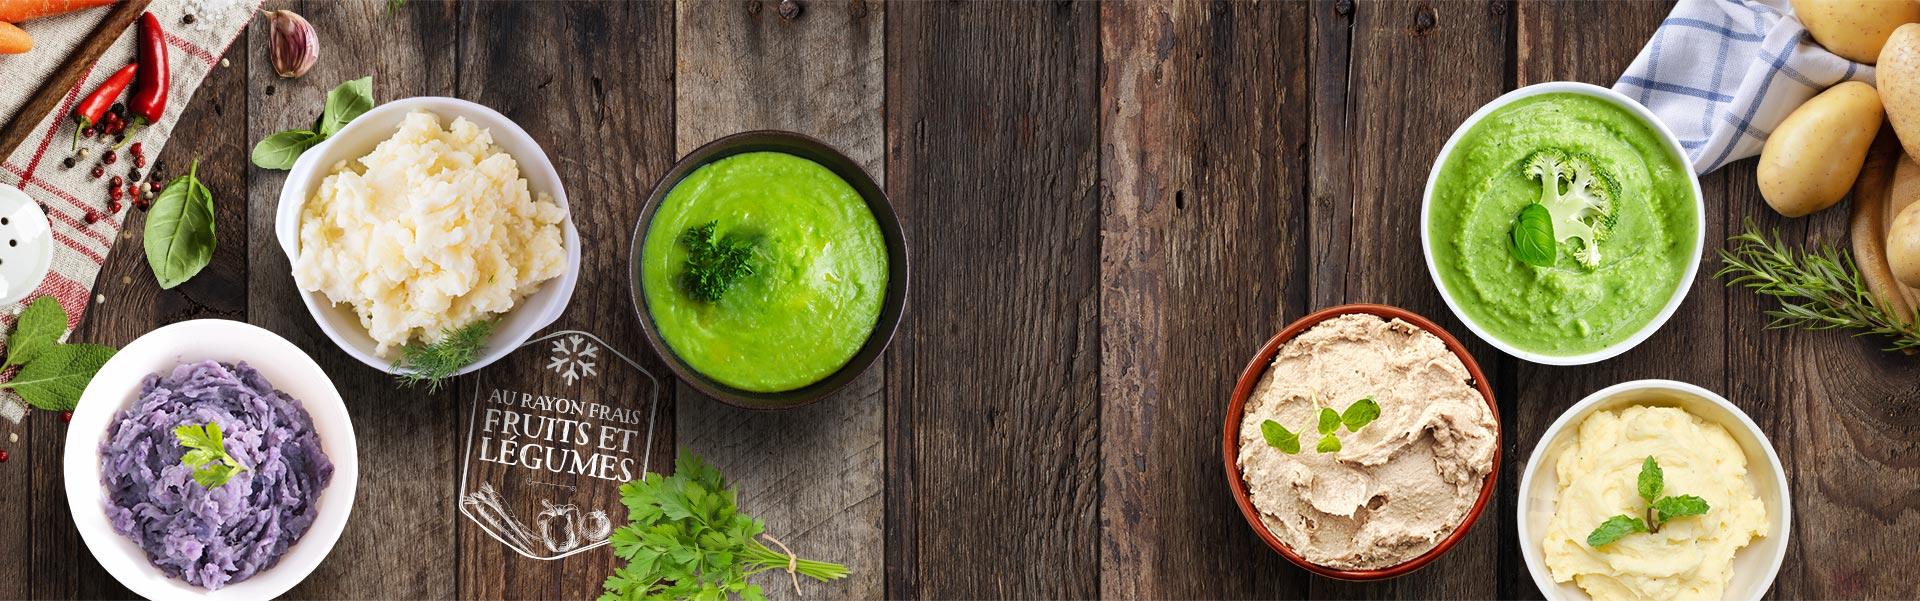 Les purées Créaline : de délicieuses purées de légumes au rayon frais